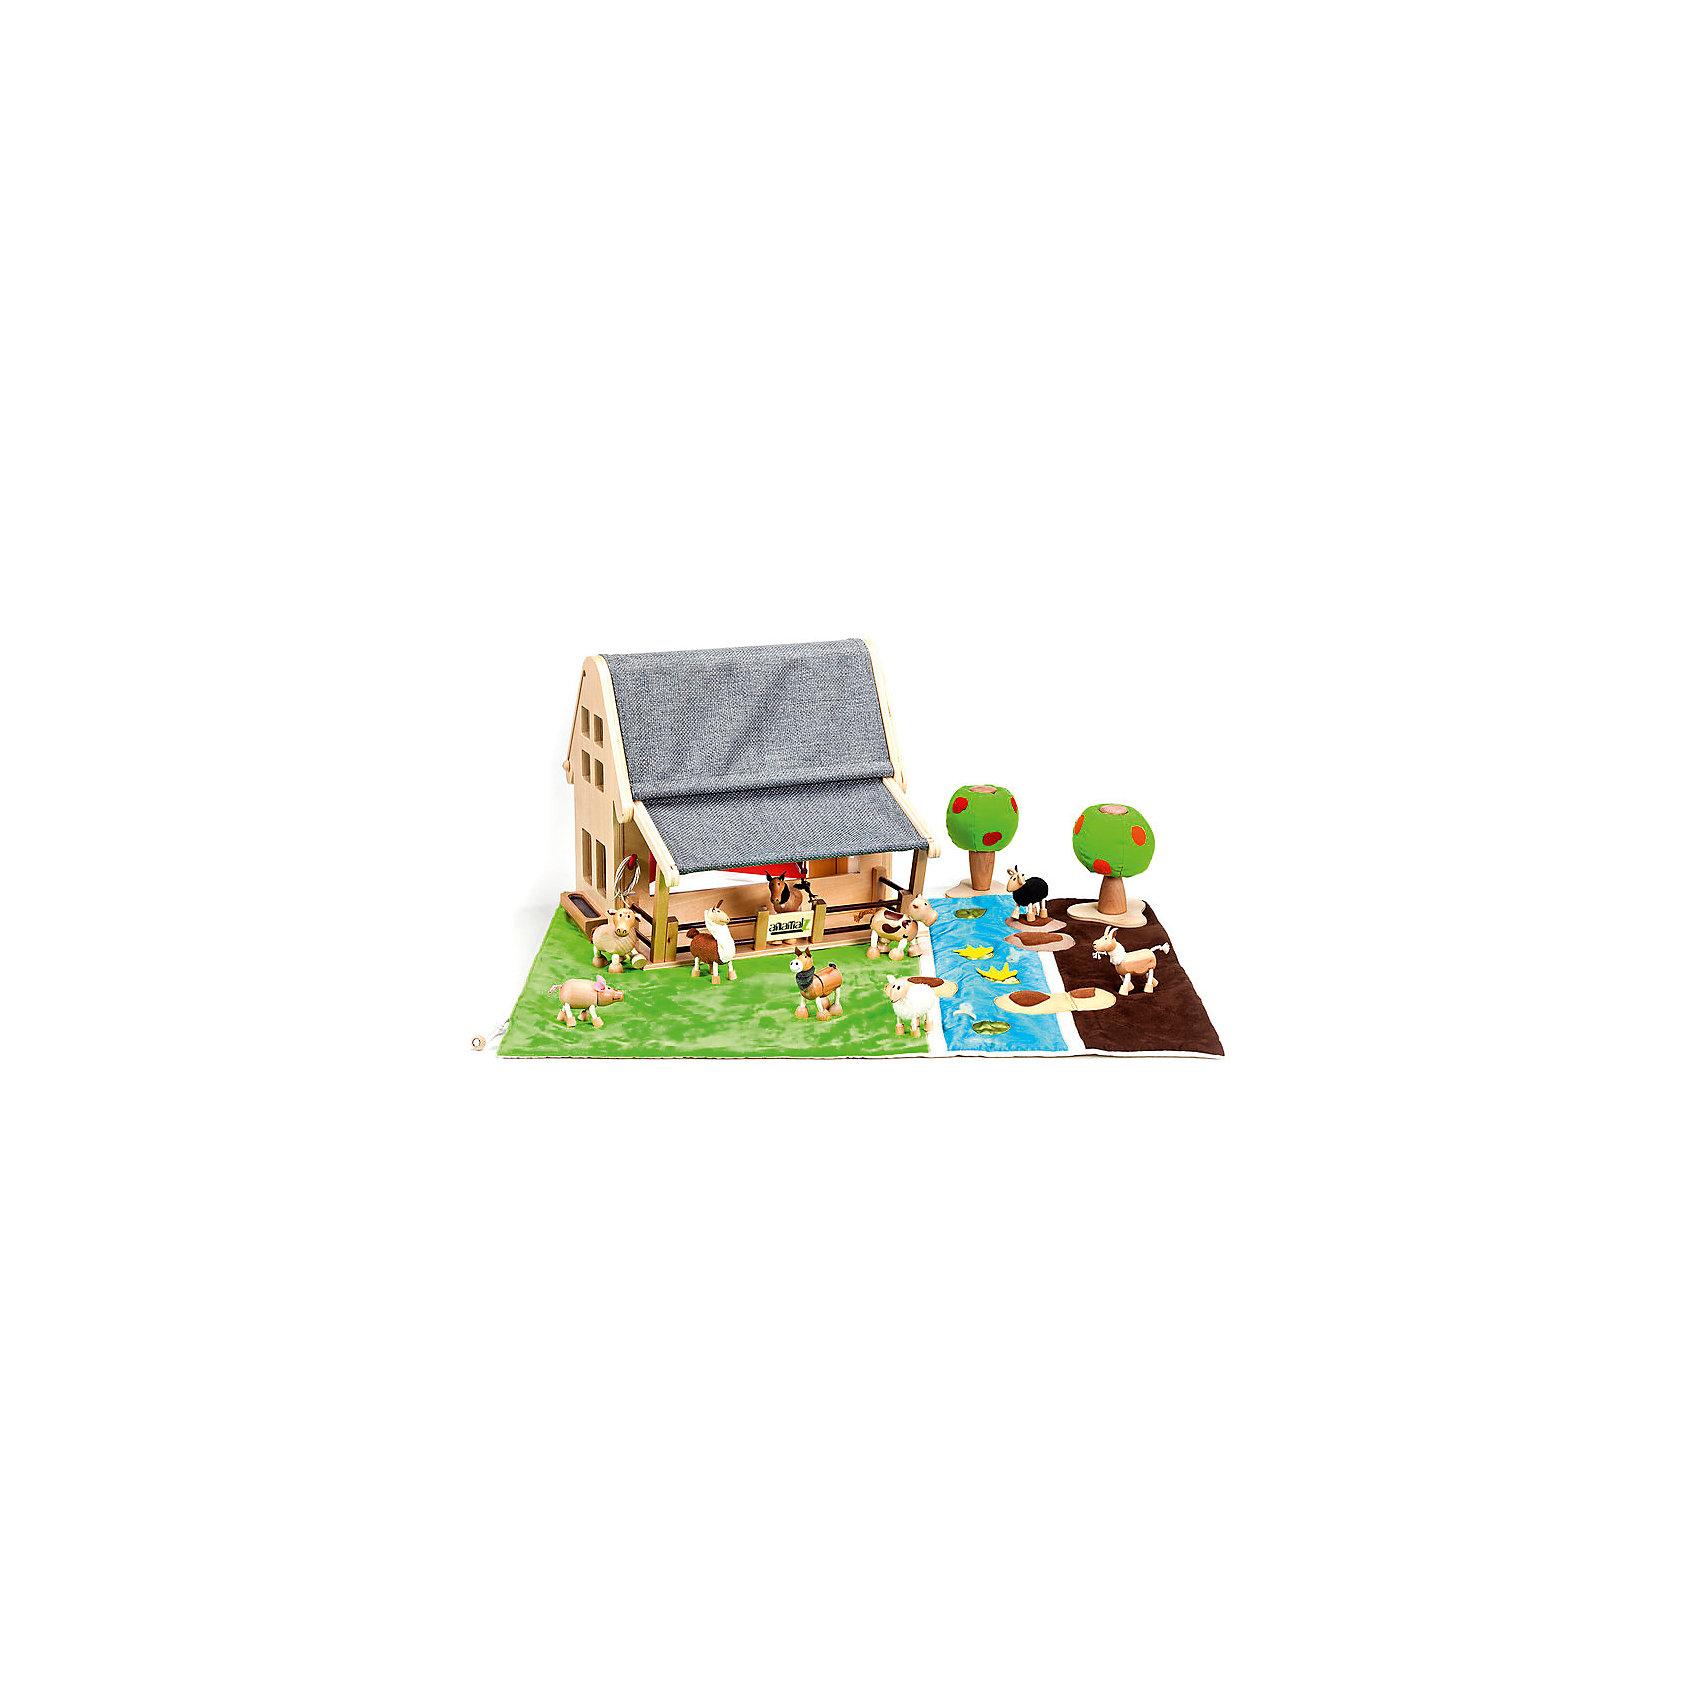 Игровое поле,  AnaMalzМир животных<br>Мягкий игровой коврик AnaMalz станет отличным дополнением к деревянным зверюшкам AnaMalz и декорацией для множества игр. Чудесные эко-игрушки AnaMalz были придуманы в 2007 году австралийским дизайнером Луизой Косан-Скотт и завоевали множество наград, включая международную премию в области дизайна Standards Australia. Для изготовления игрушек используются только высококачественные экологичные материалы - специальное игольчатое дерево (schima superba), натуральные ткани и термопластичная резина (TPR). Все фигурки AnaMalz раскрашиваются вручную с использованием безопасной для детей краски.<br><br>Дизайн коврика AnaMalz имитирует три природных ландшафта - поле с зеленой травкой, голубая полоска воды с рыбками и бурый пустынный участок. После игры коврик трансформируется в мешок, в котором можно хранить коллекцию фигурок AnaMalz (продаются отдельно). <br><br>Дополнительная информация:<br><br>- Материал: текстиль.<br>- Размер поля в разложенном виде: 62 х 82 х 1 см.<br>- Фигурки в комплект не входят!<br>- Вес: 0,35 кг.<br><br>Игровое поле, AnaMalz можно купить в нашем интернет-магазине.<br><br>Ширина мм: 62<br>Глубина мм: 82<br>Высота мм: 1<br>Вес г: 350<br>Возраст от месяцев: 36<br>Возраст до месяцев: 168<br>Пол: Унисекс<br>Возраст: Детский<br>SKU: 4010638